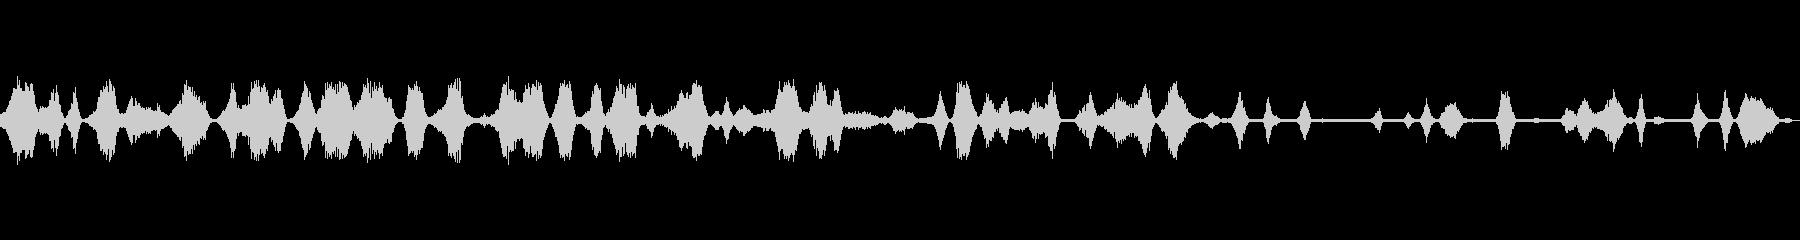 ザザザ(レシーバーやラジオなどのノイズ)の未再生の波形